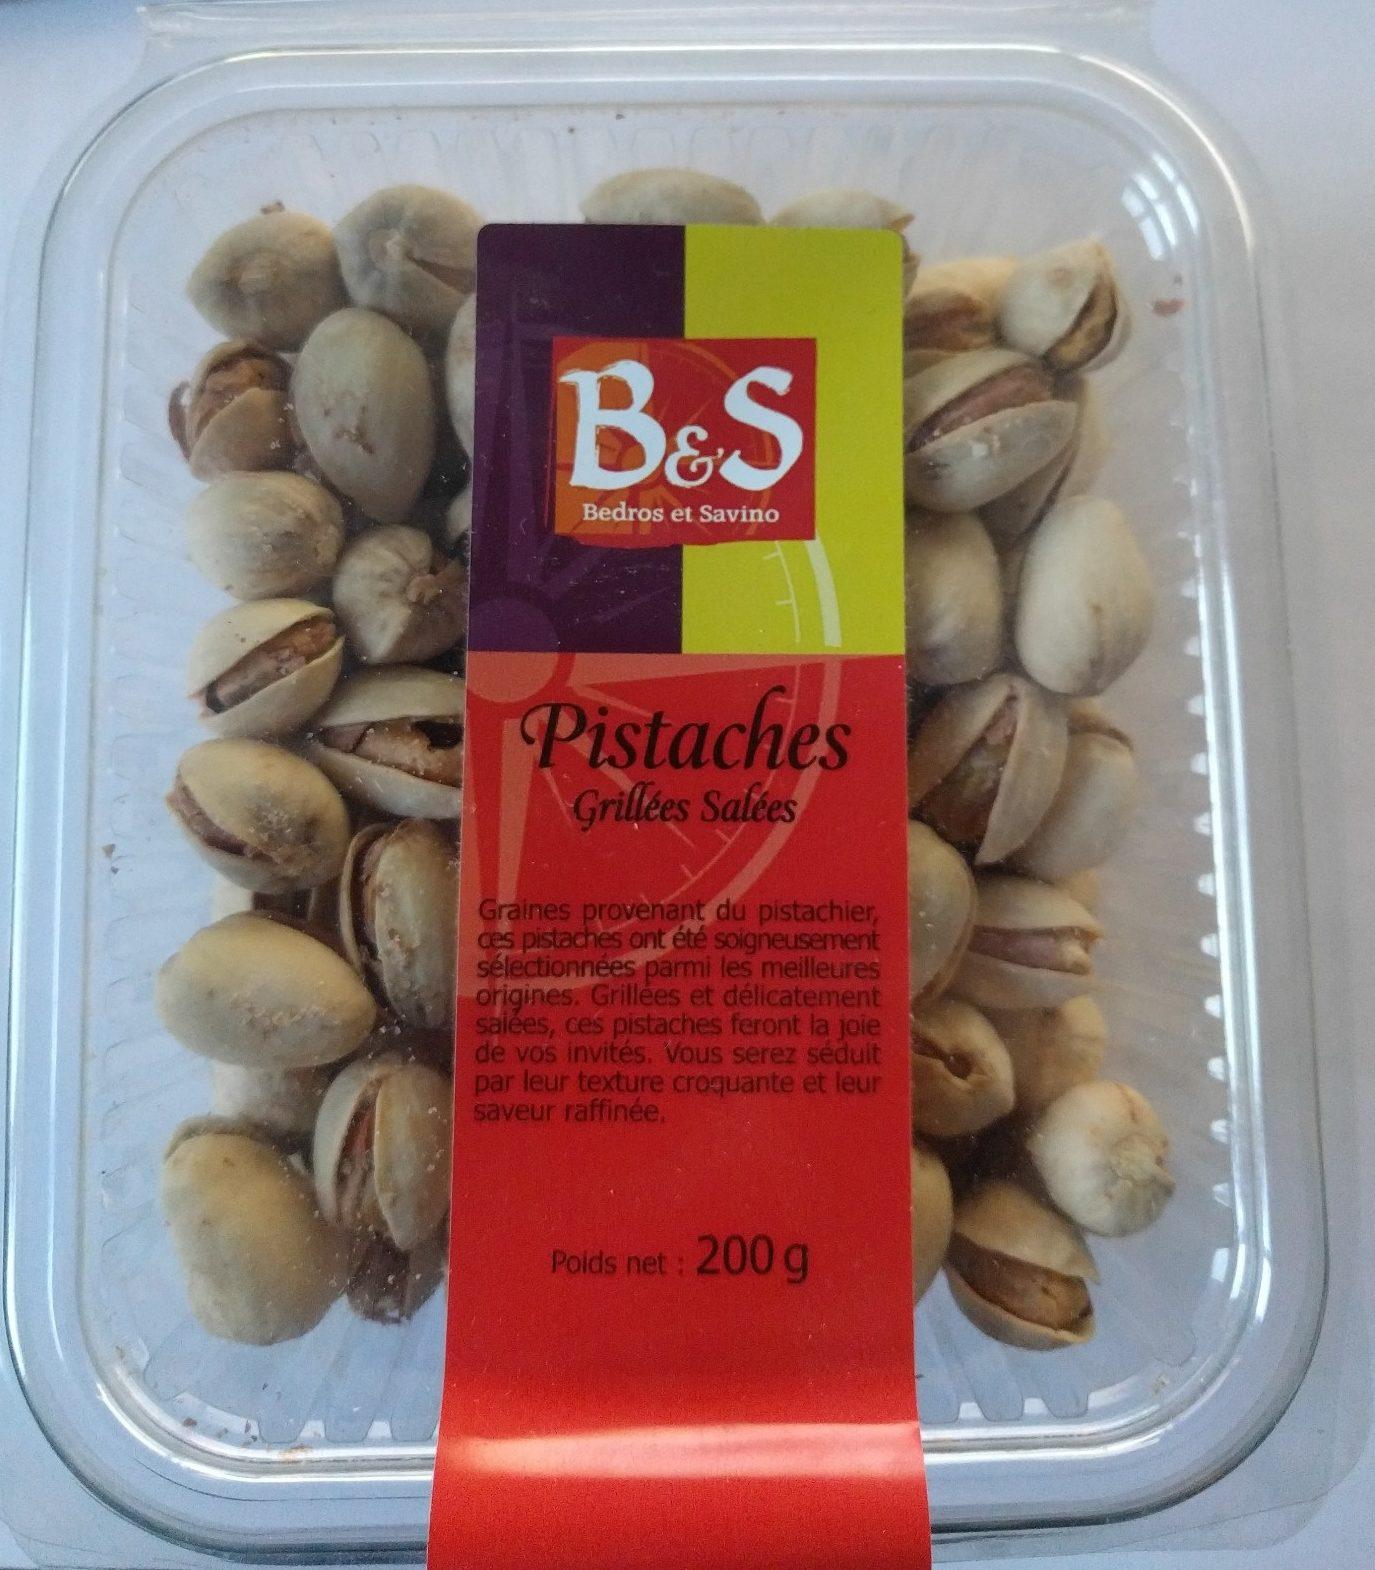 Pistaches grill es sal es bedros et savino 200 g - Calories pistaches grillees ...